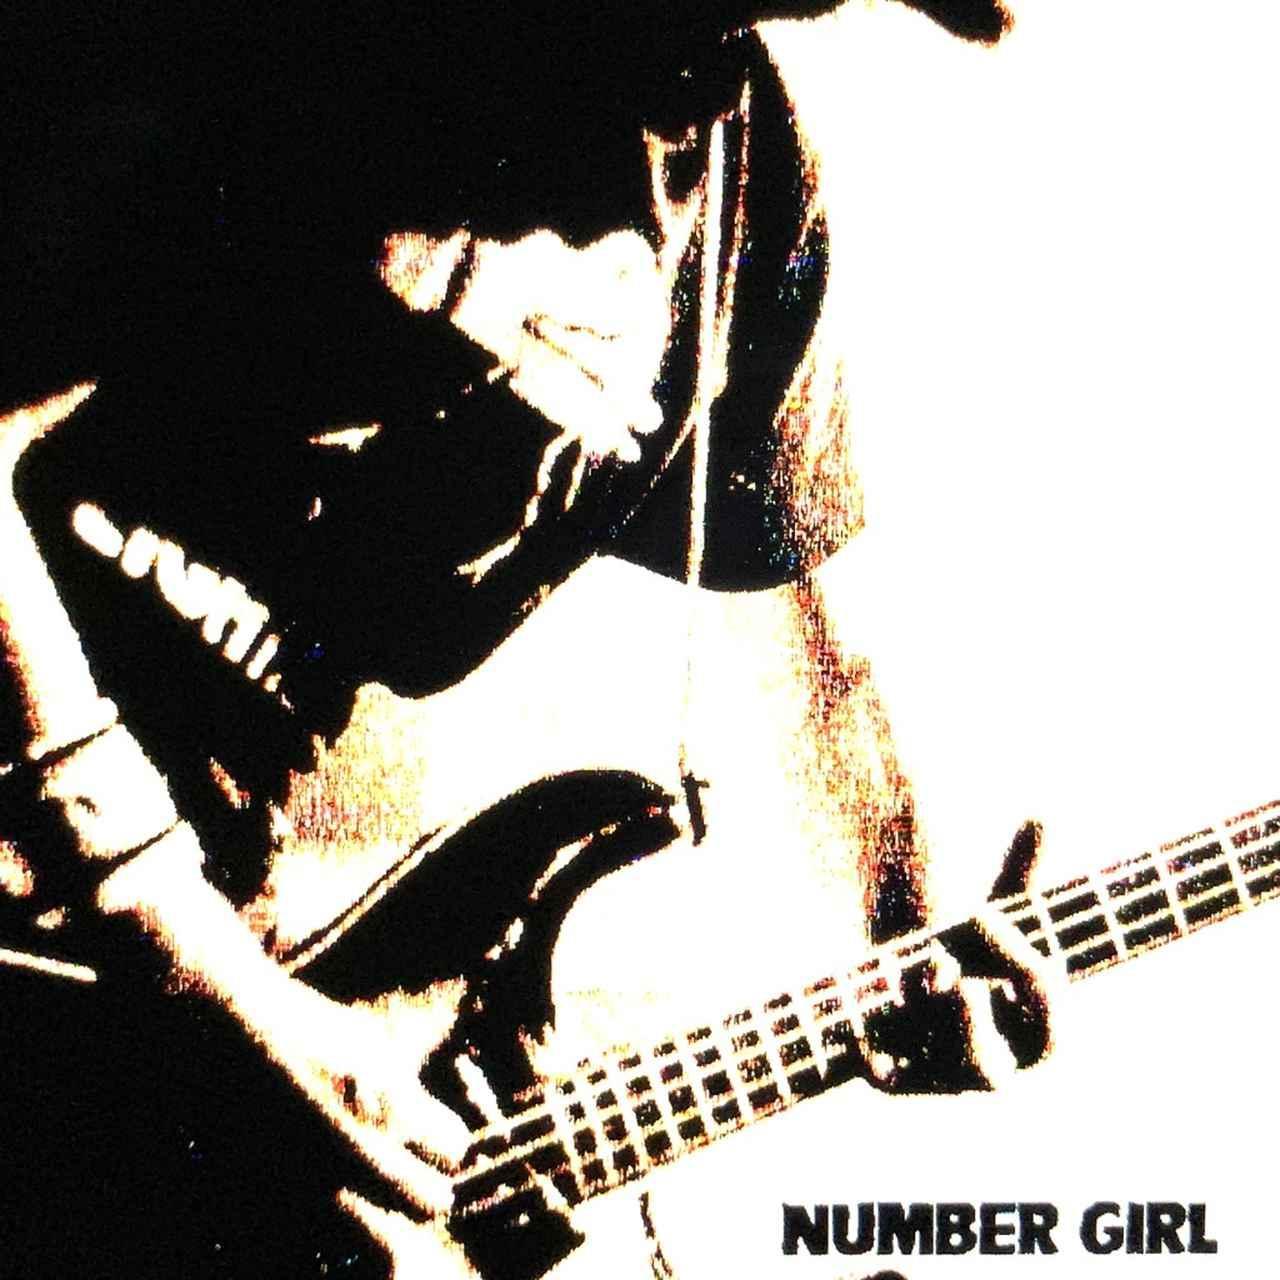 画像: LIVE ALBUM『感電の記憶』2002.5.19 TOUR『NUM-HEAVYMETALLIC』日比谷野外大音楽堂 / NUMBER GIRL